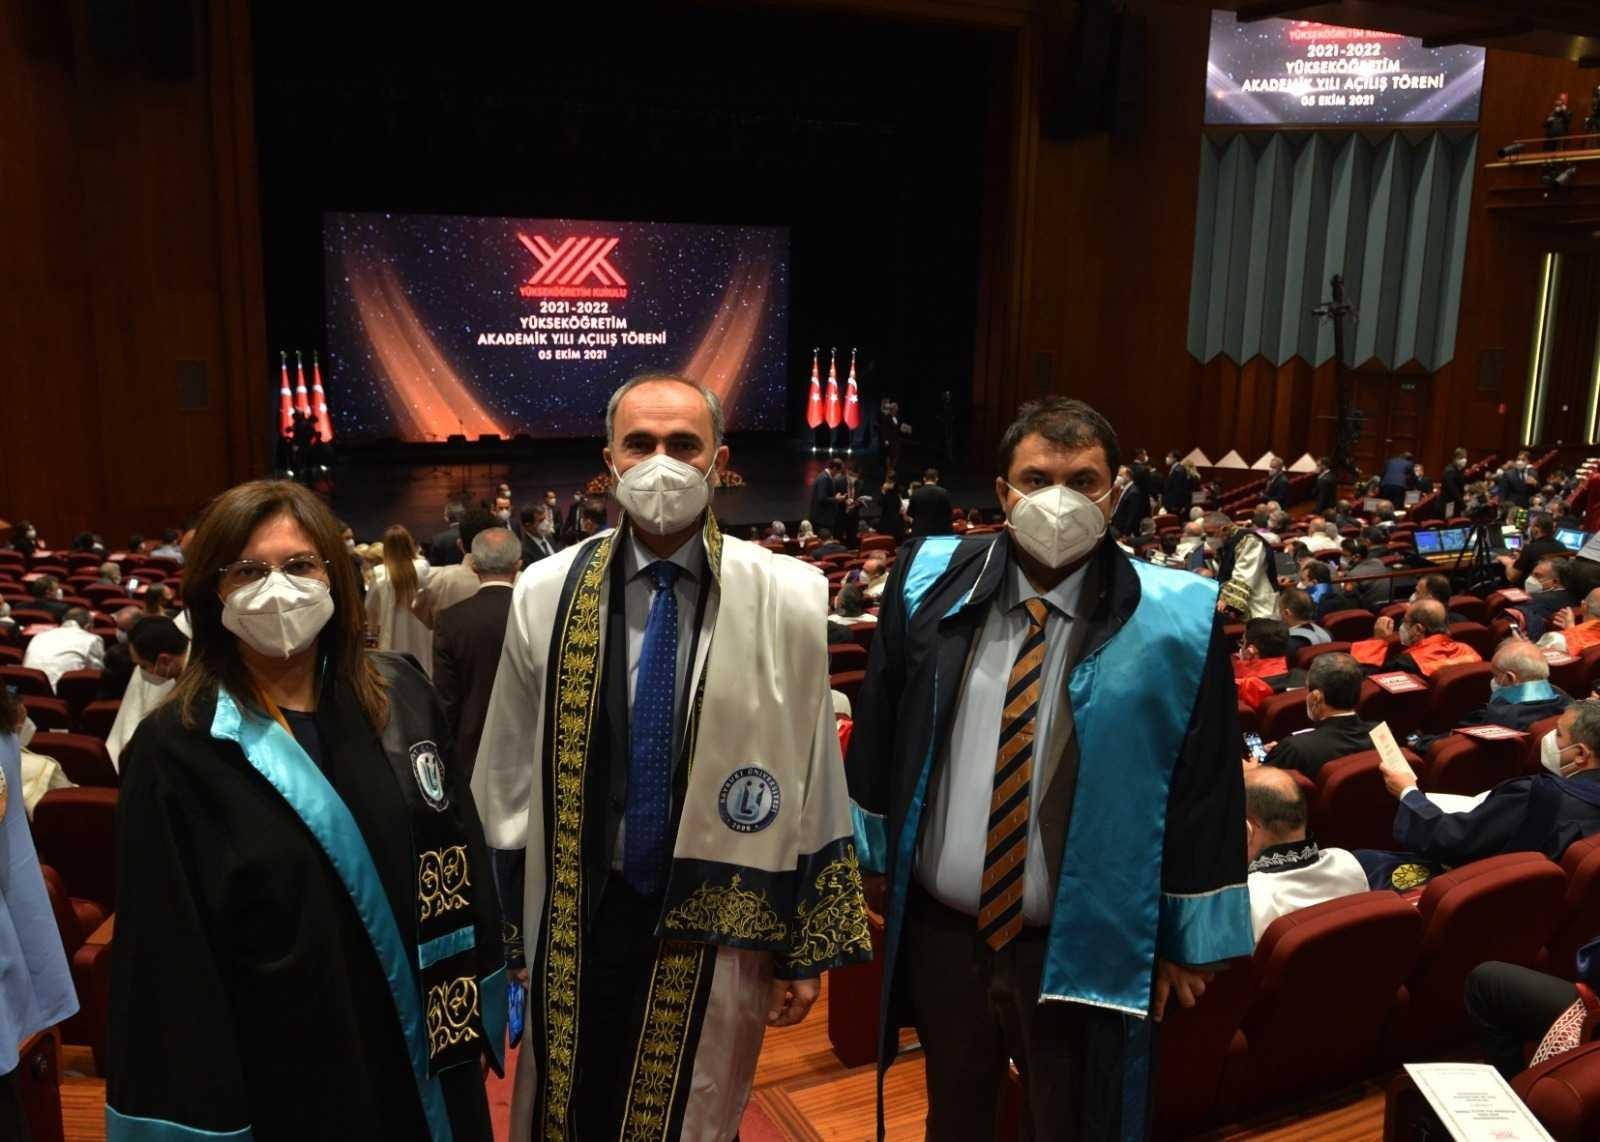 Rektör Türkmen, Cumhurbaşkanlığı Külliyesi'nde gerçekleştirilen yeni akademik yıl açılış törenine katıldı #bayburt